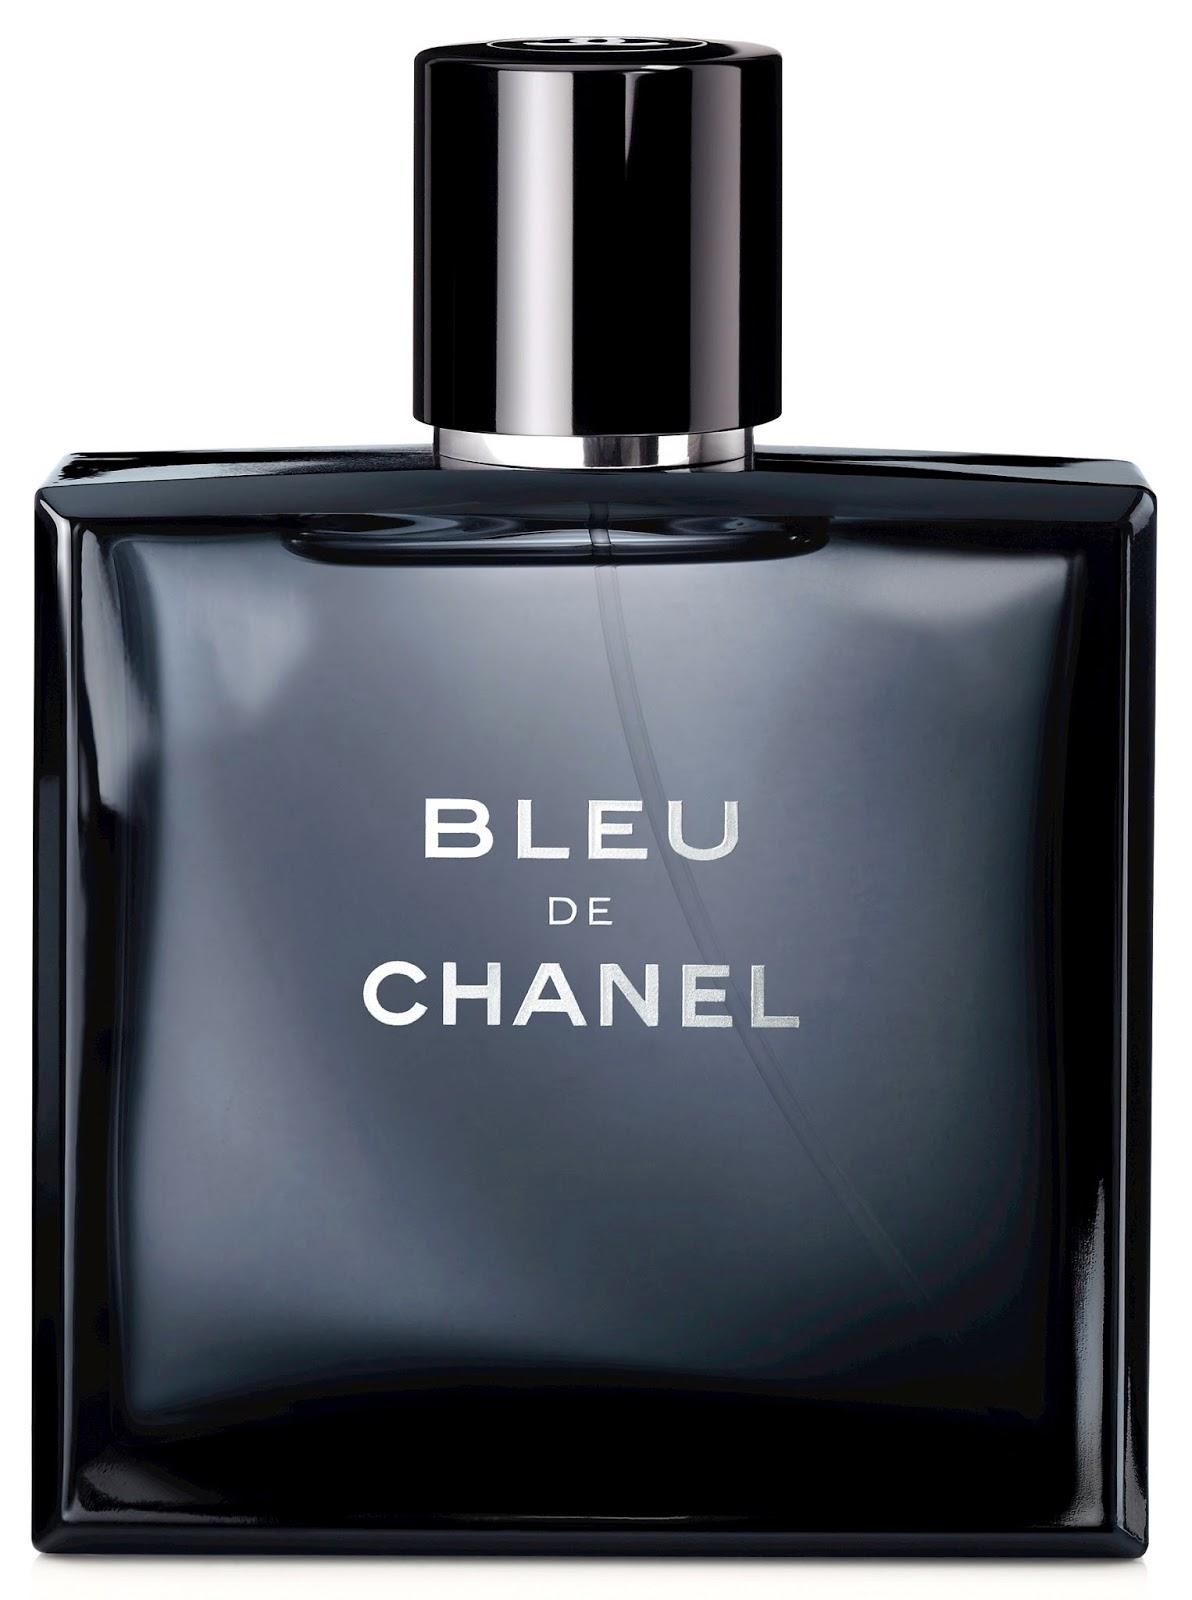 bleu-de-chanel-parfum-100ml